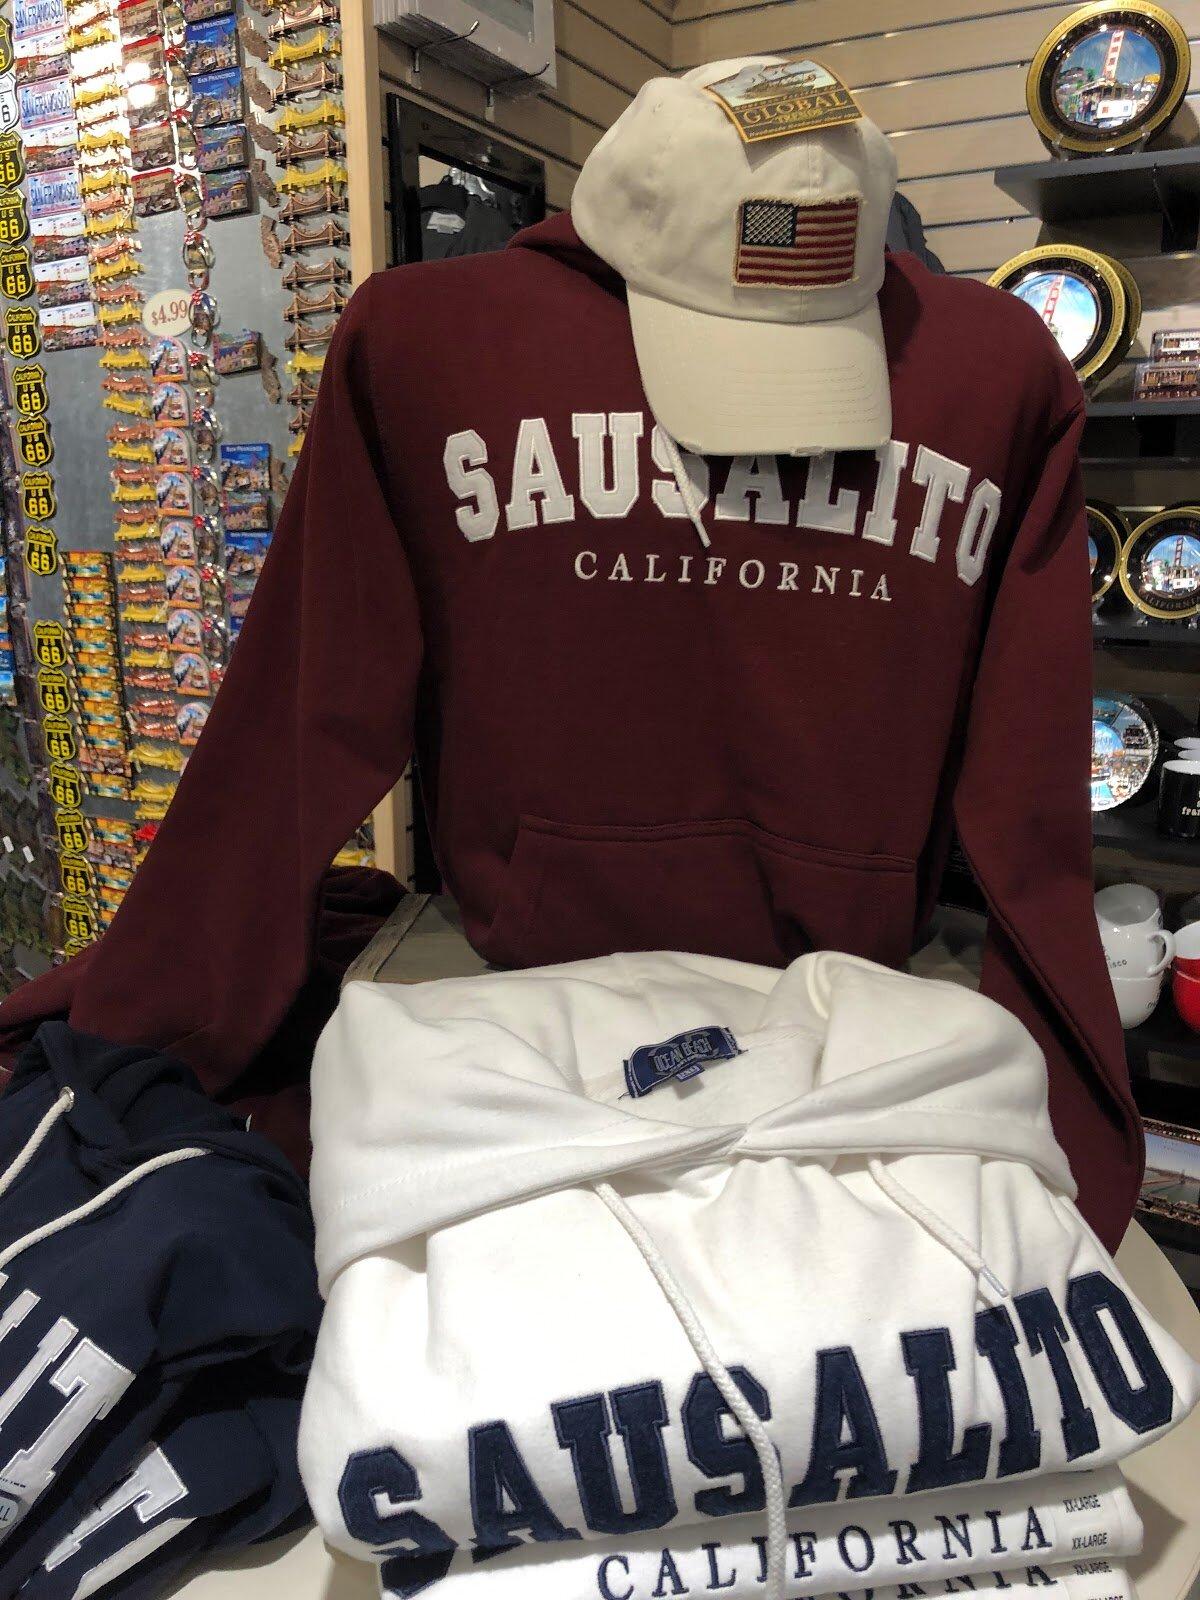 Sausalito clothing shop